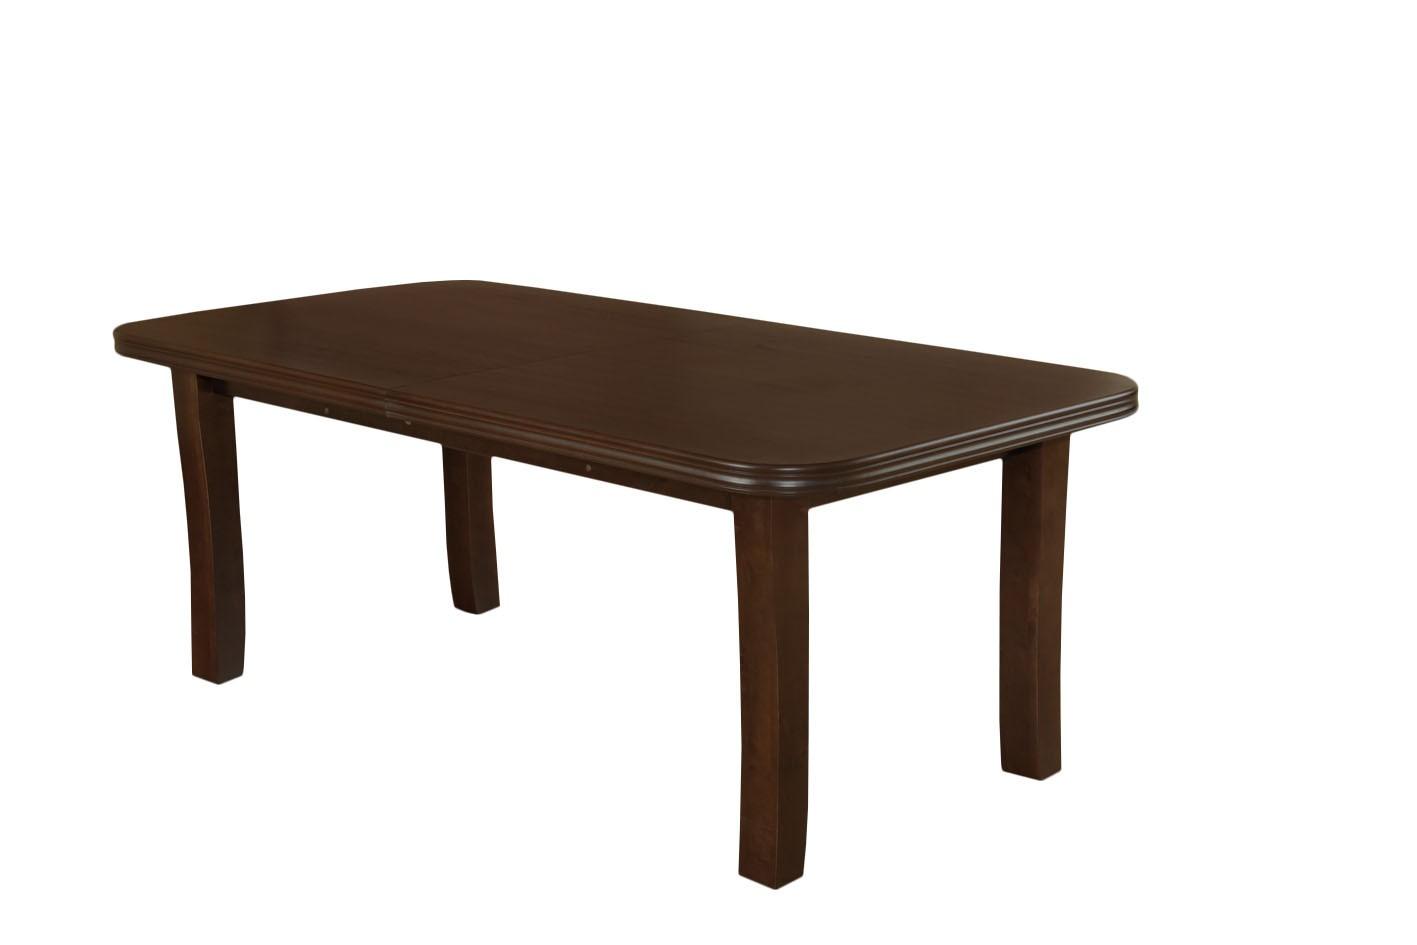 Stół SM 11 w naturalnej okleinie drewnianej buk lub dąb rozkładany z trzema wkładkami